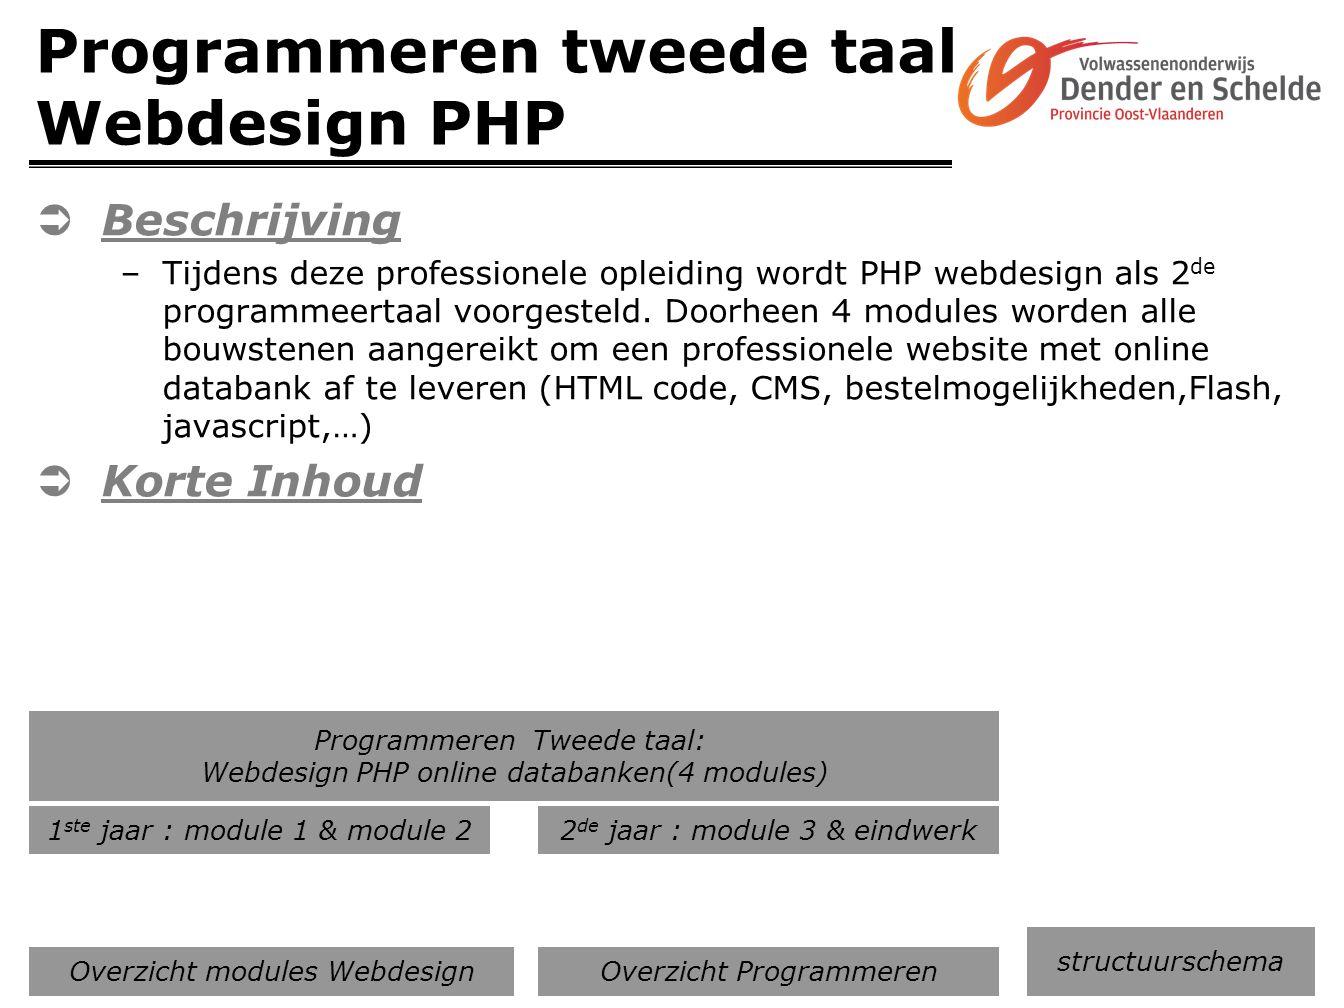 Programmeren tweede taal Webdesign PHP